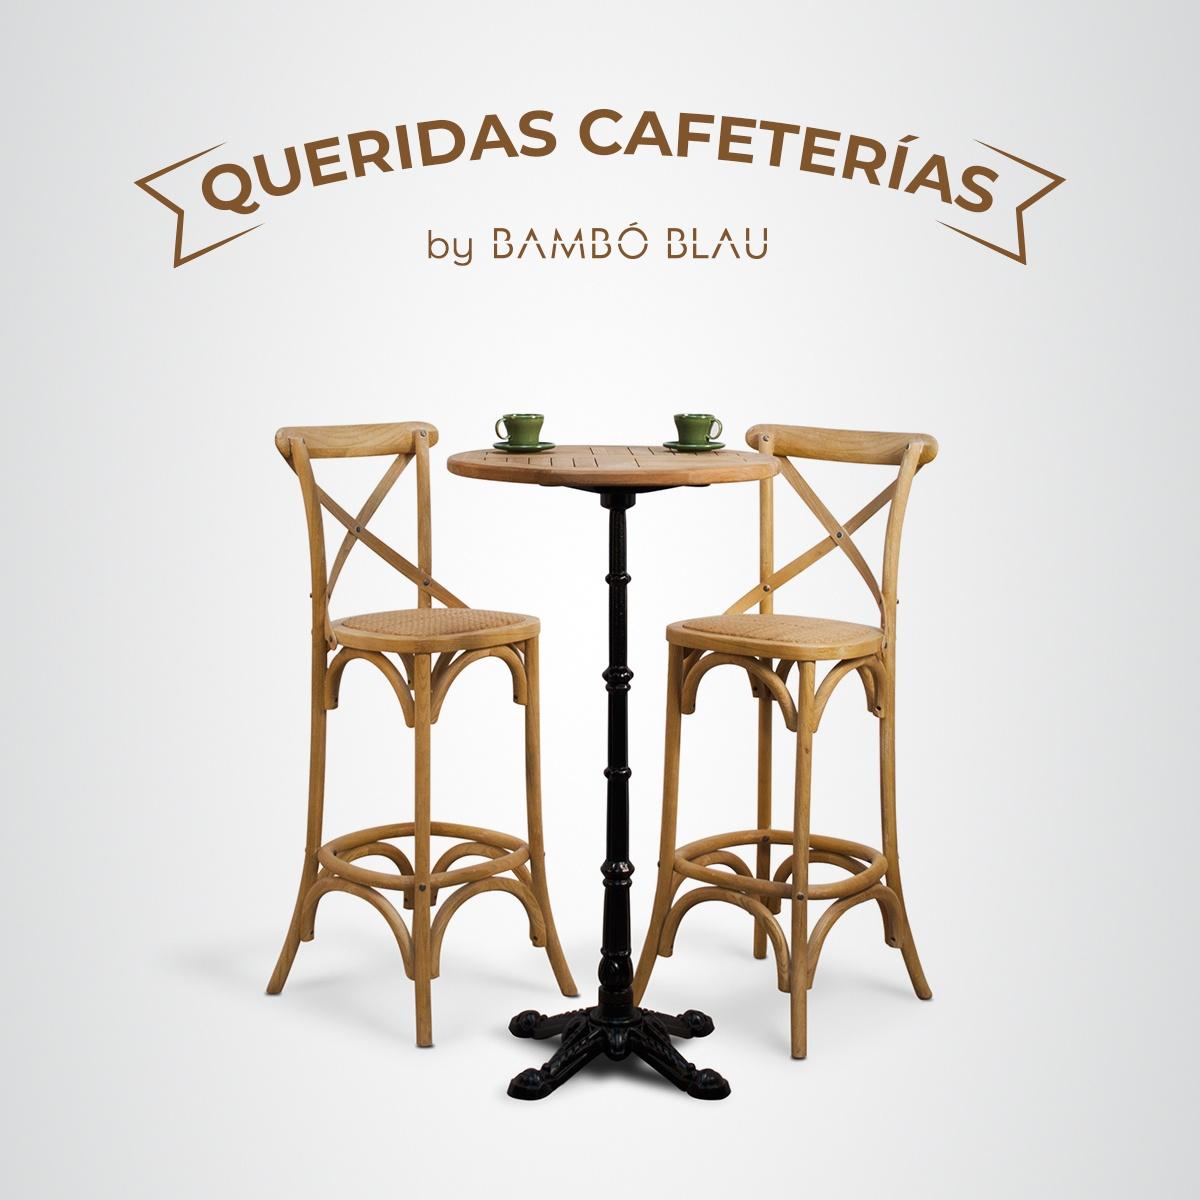 Queridas cafeterías by Bambó Blau